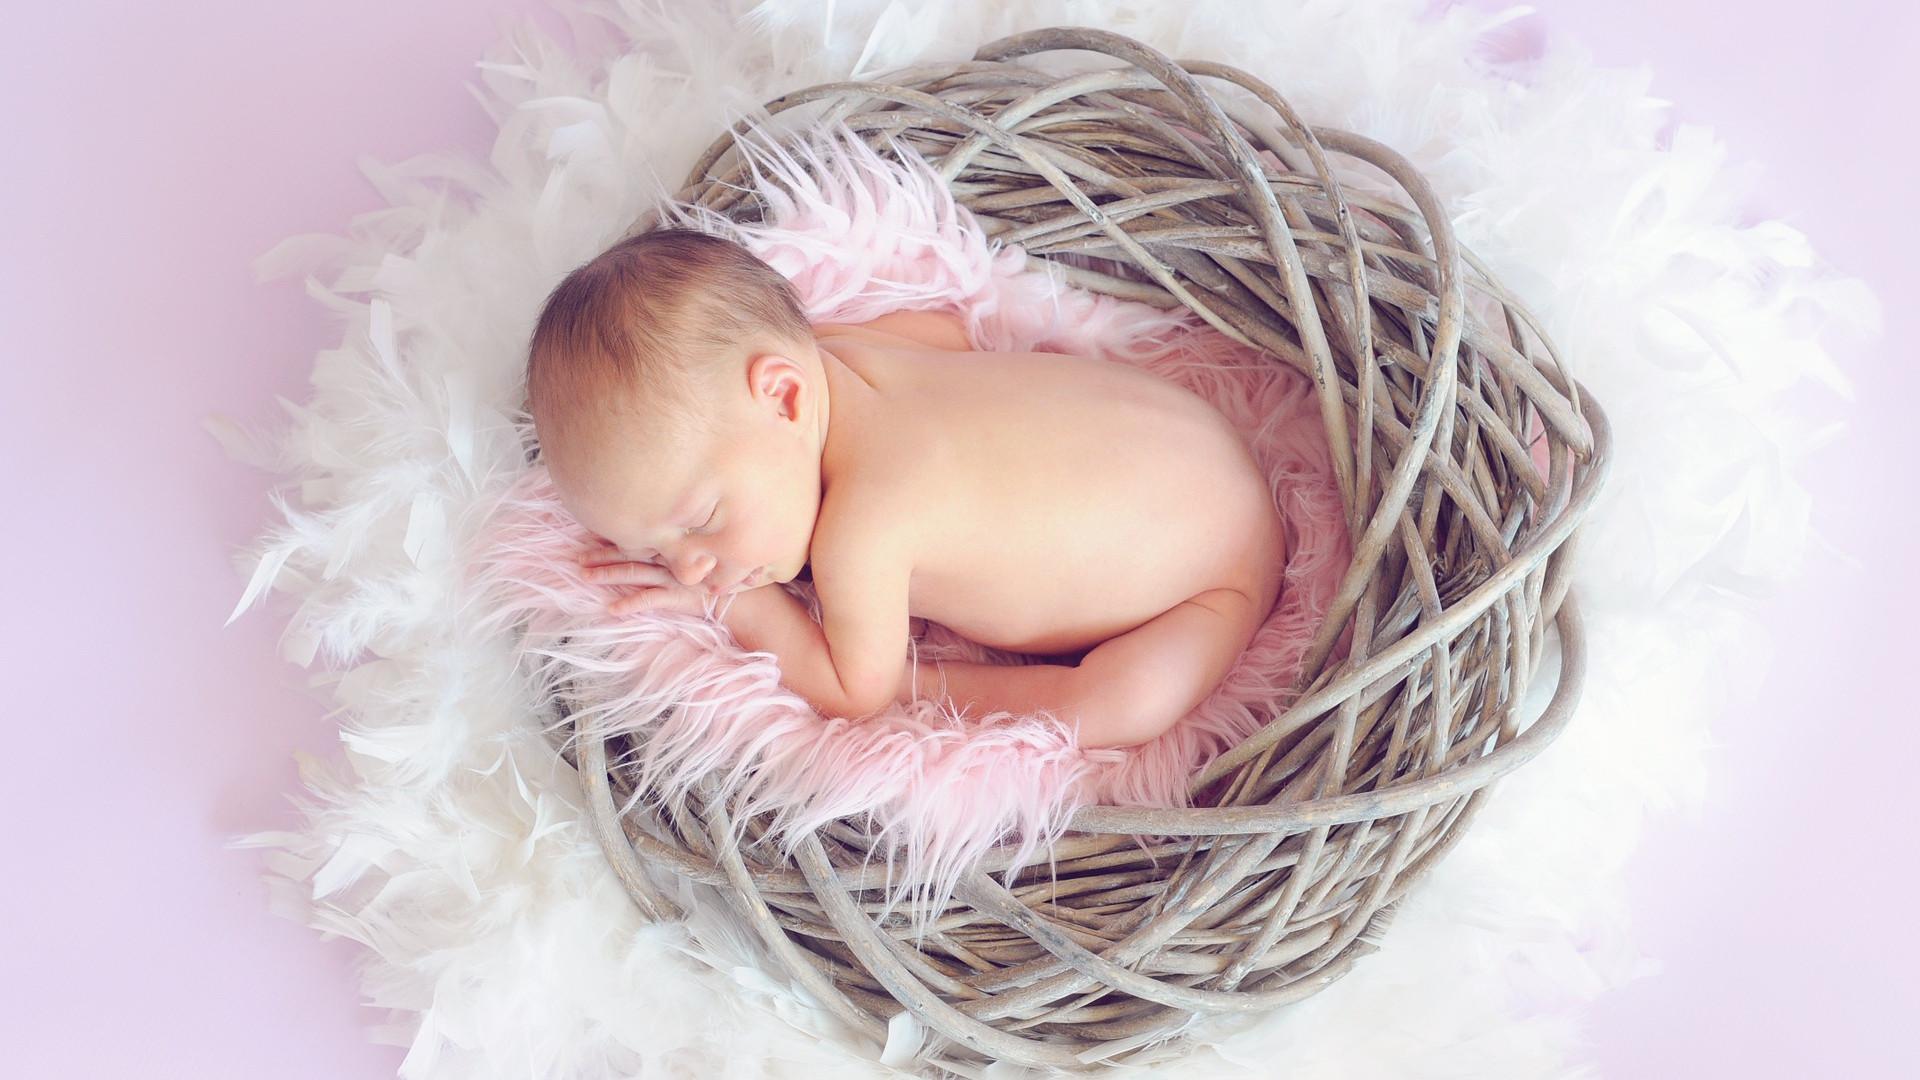 Le lit évolutif pour un enfant est sans doute le choix le plus astucieux